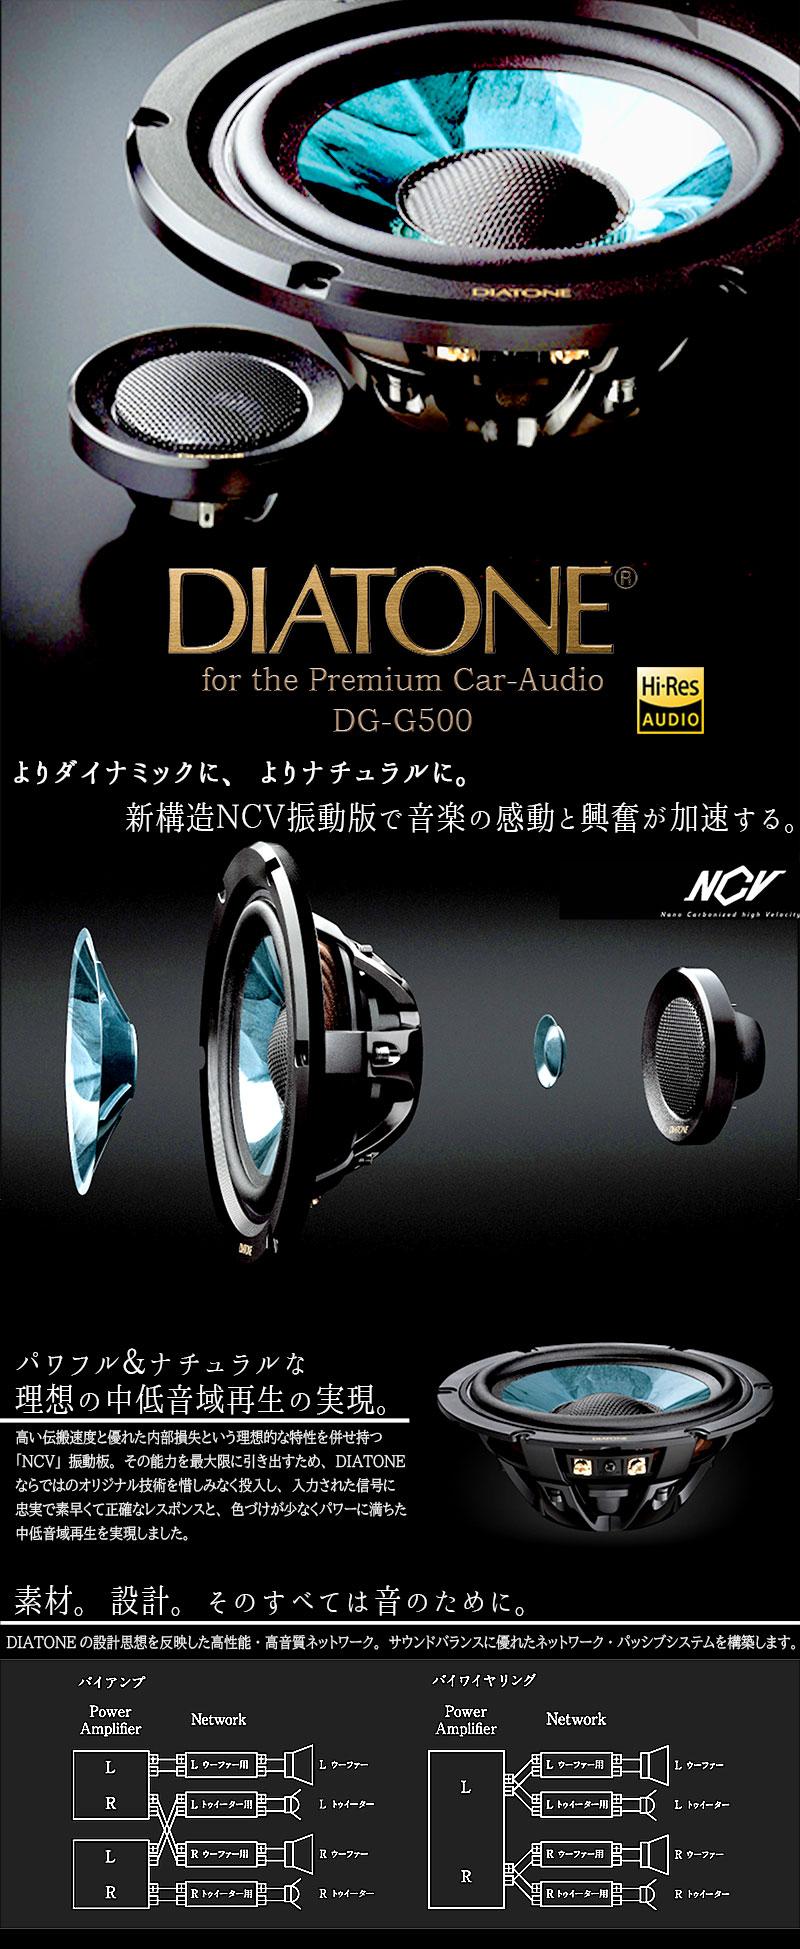 DS-G500